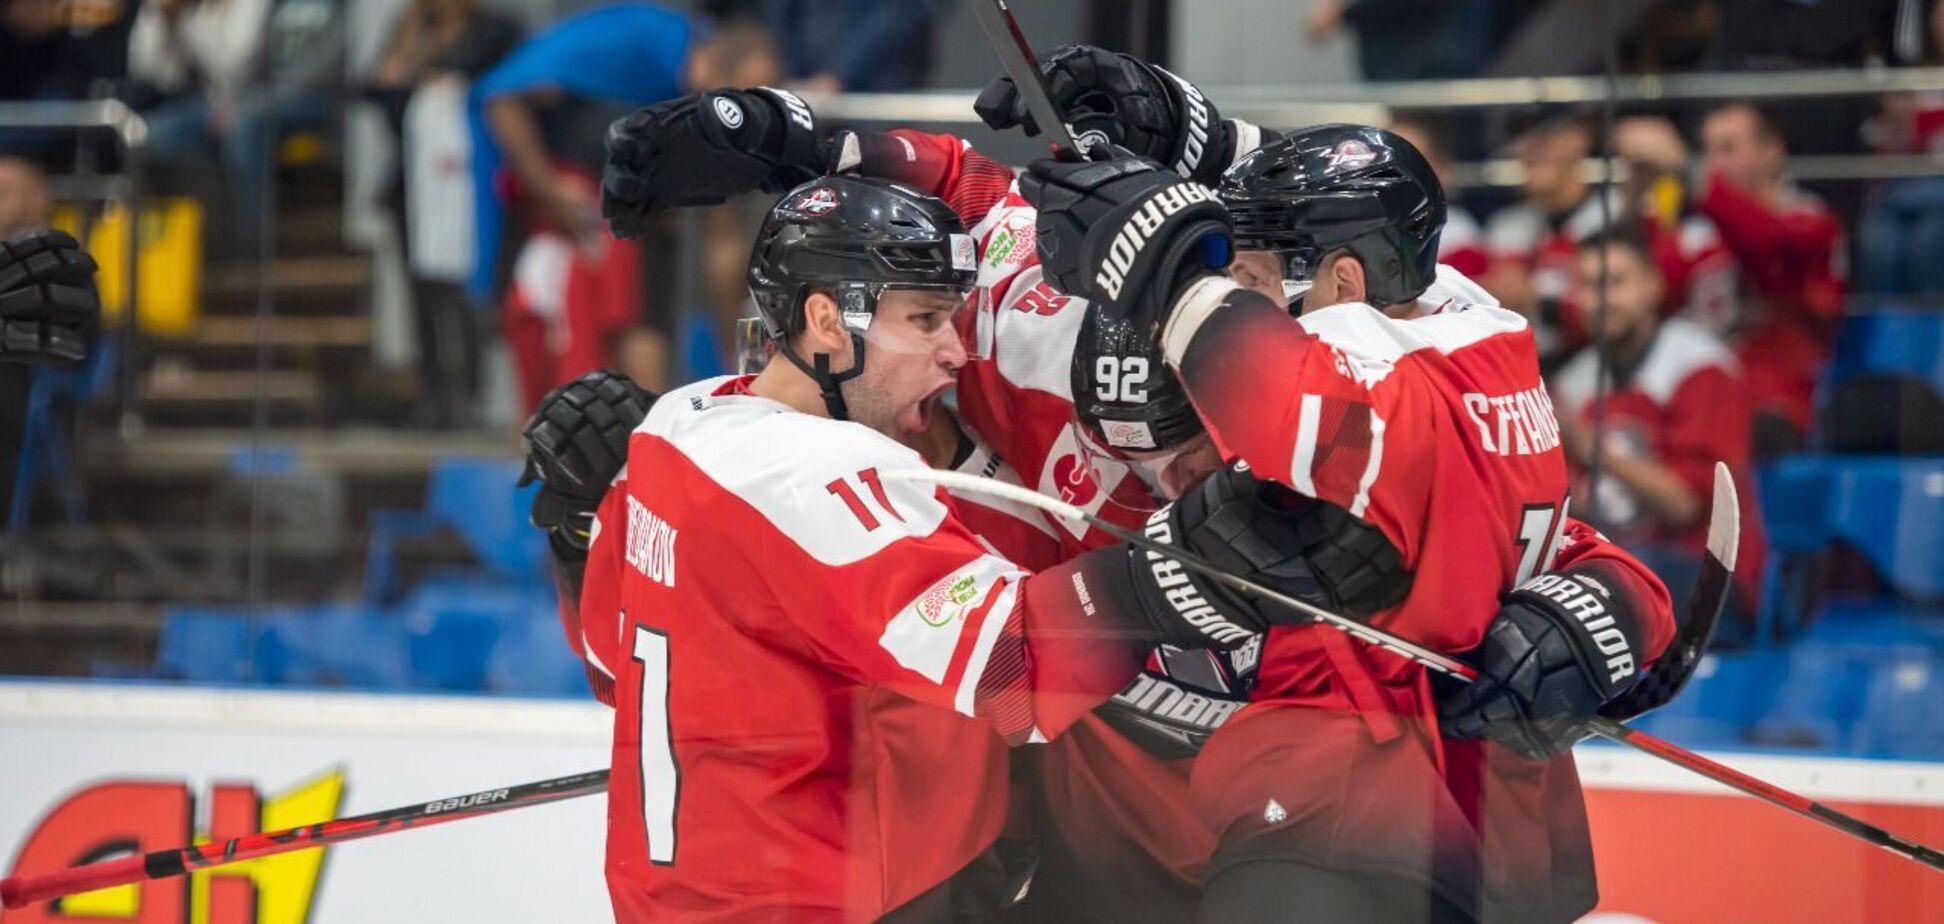 ХК 'Донбасс' провел стартовые матчи в Лиге чемпионов